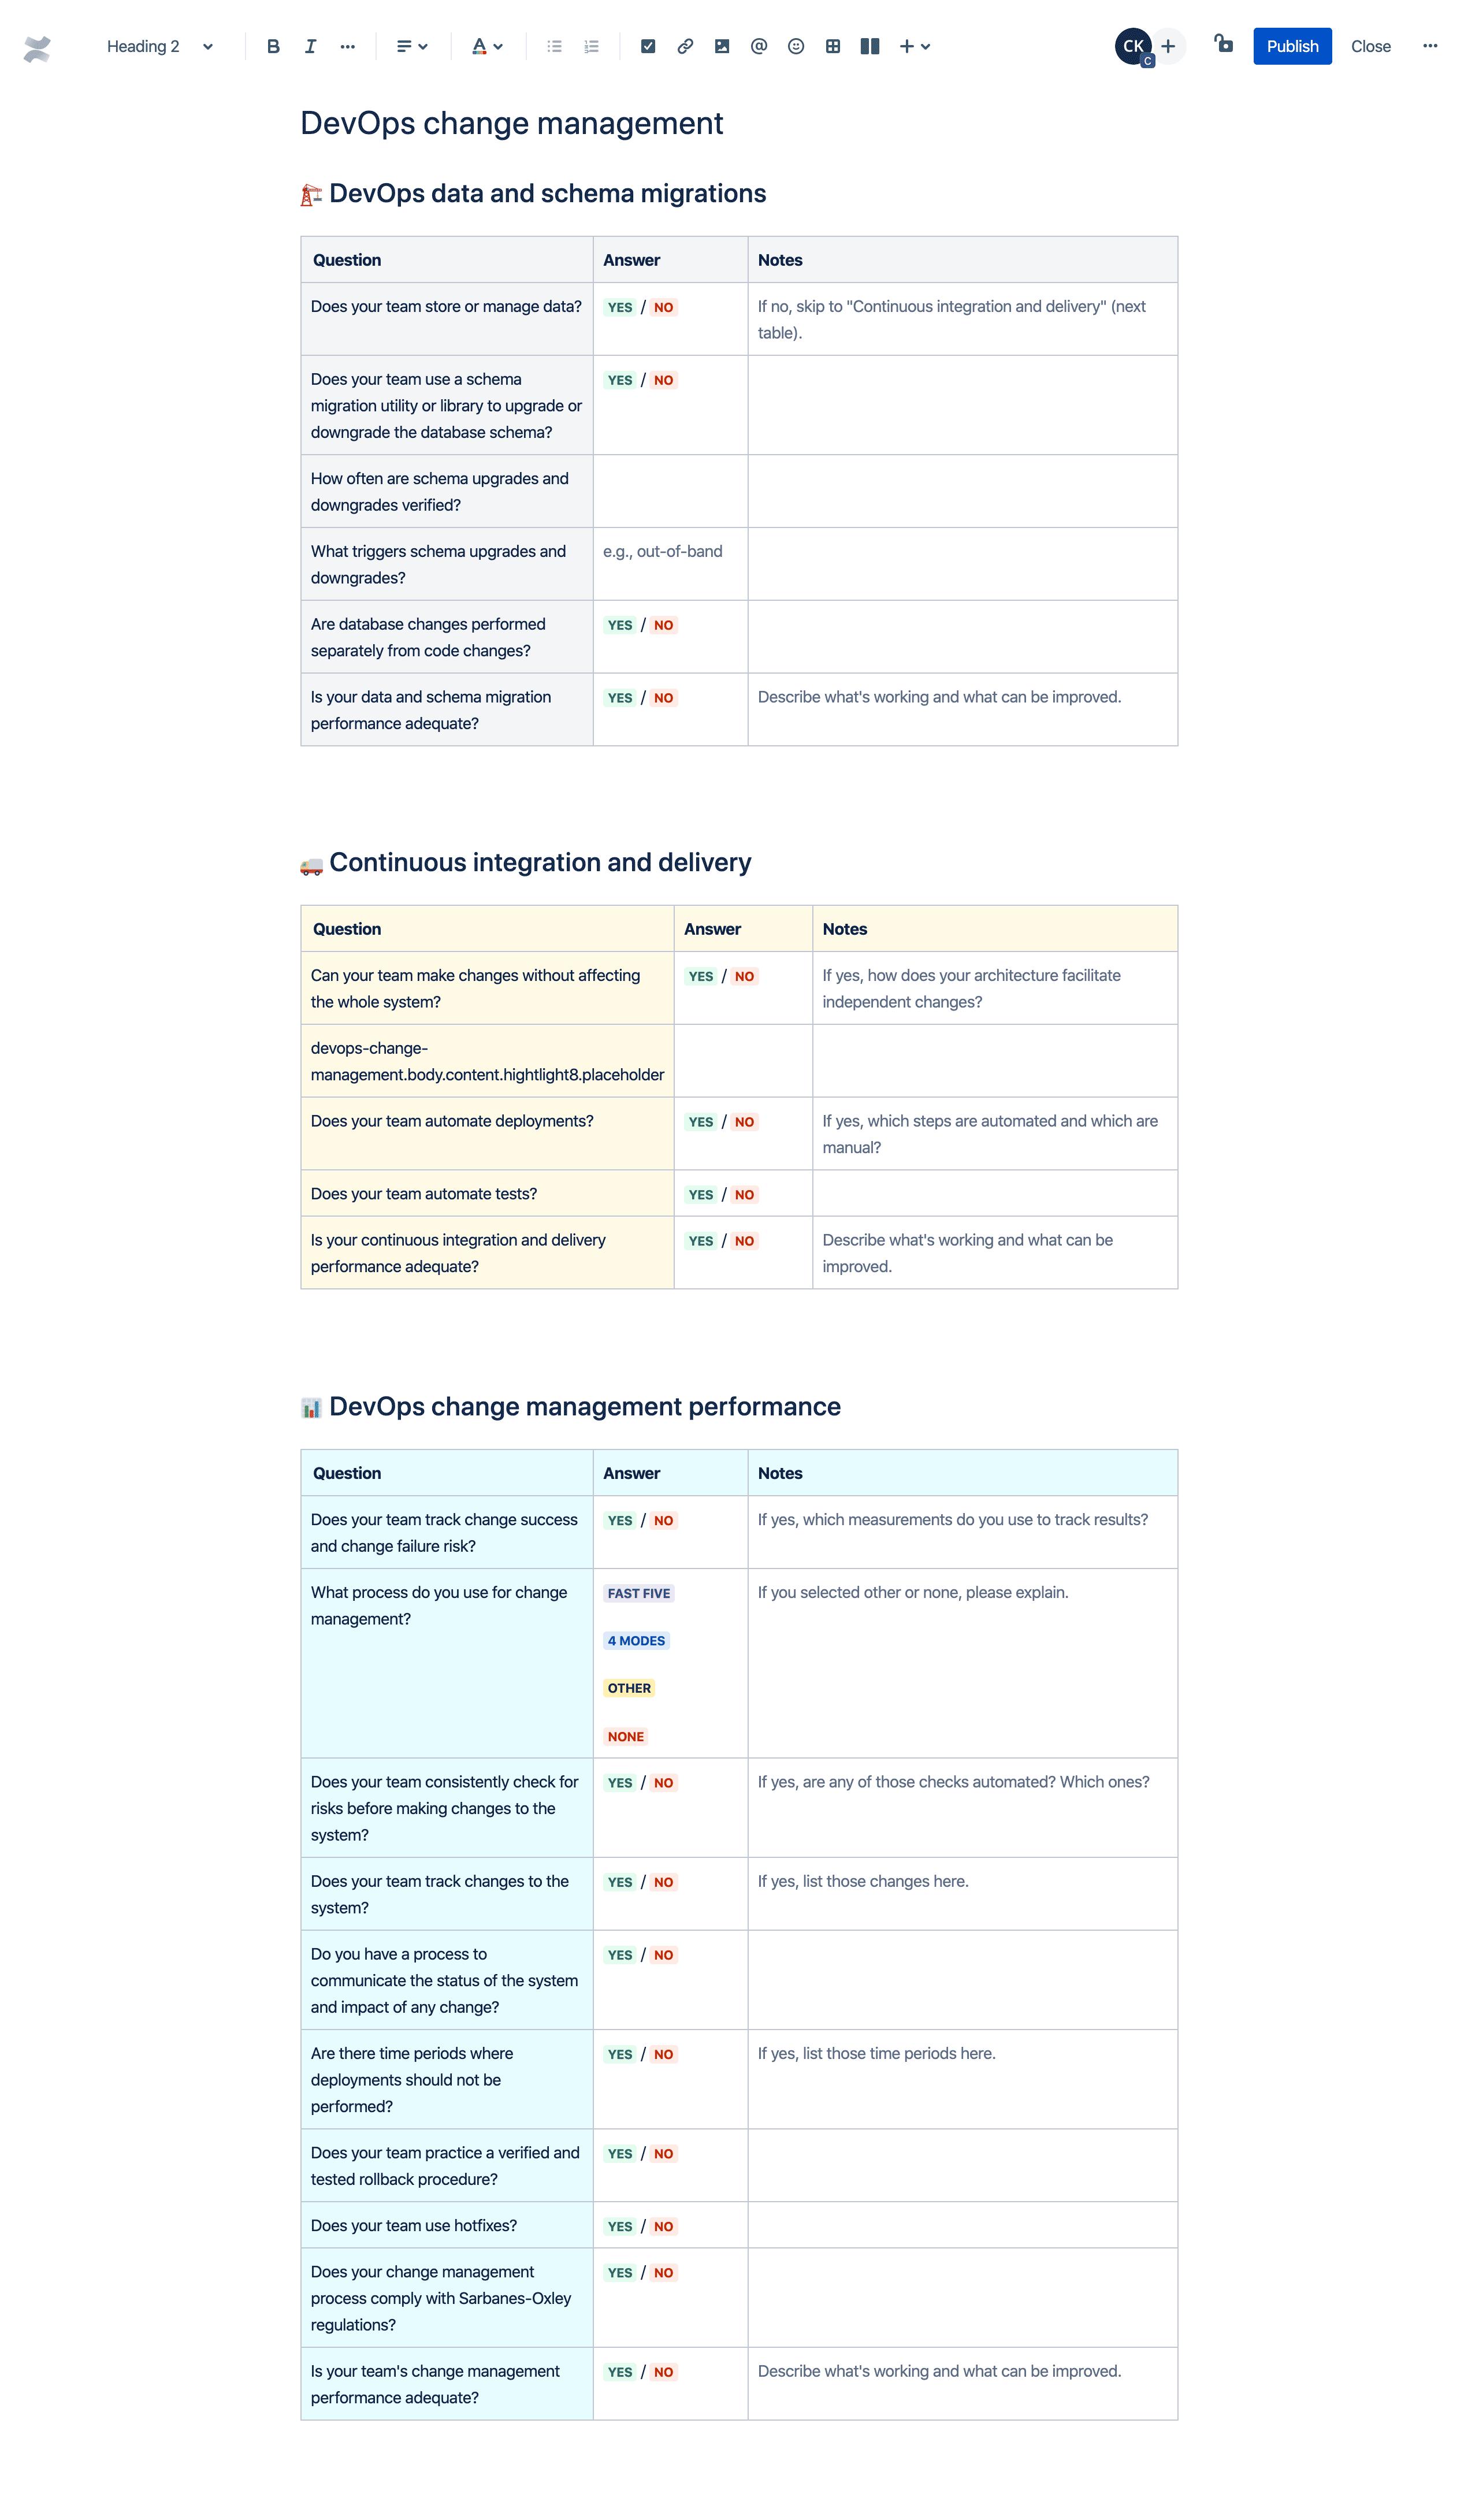 Modello di gestione delle modifiche DevOps